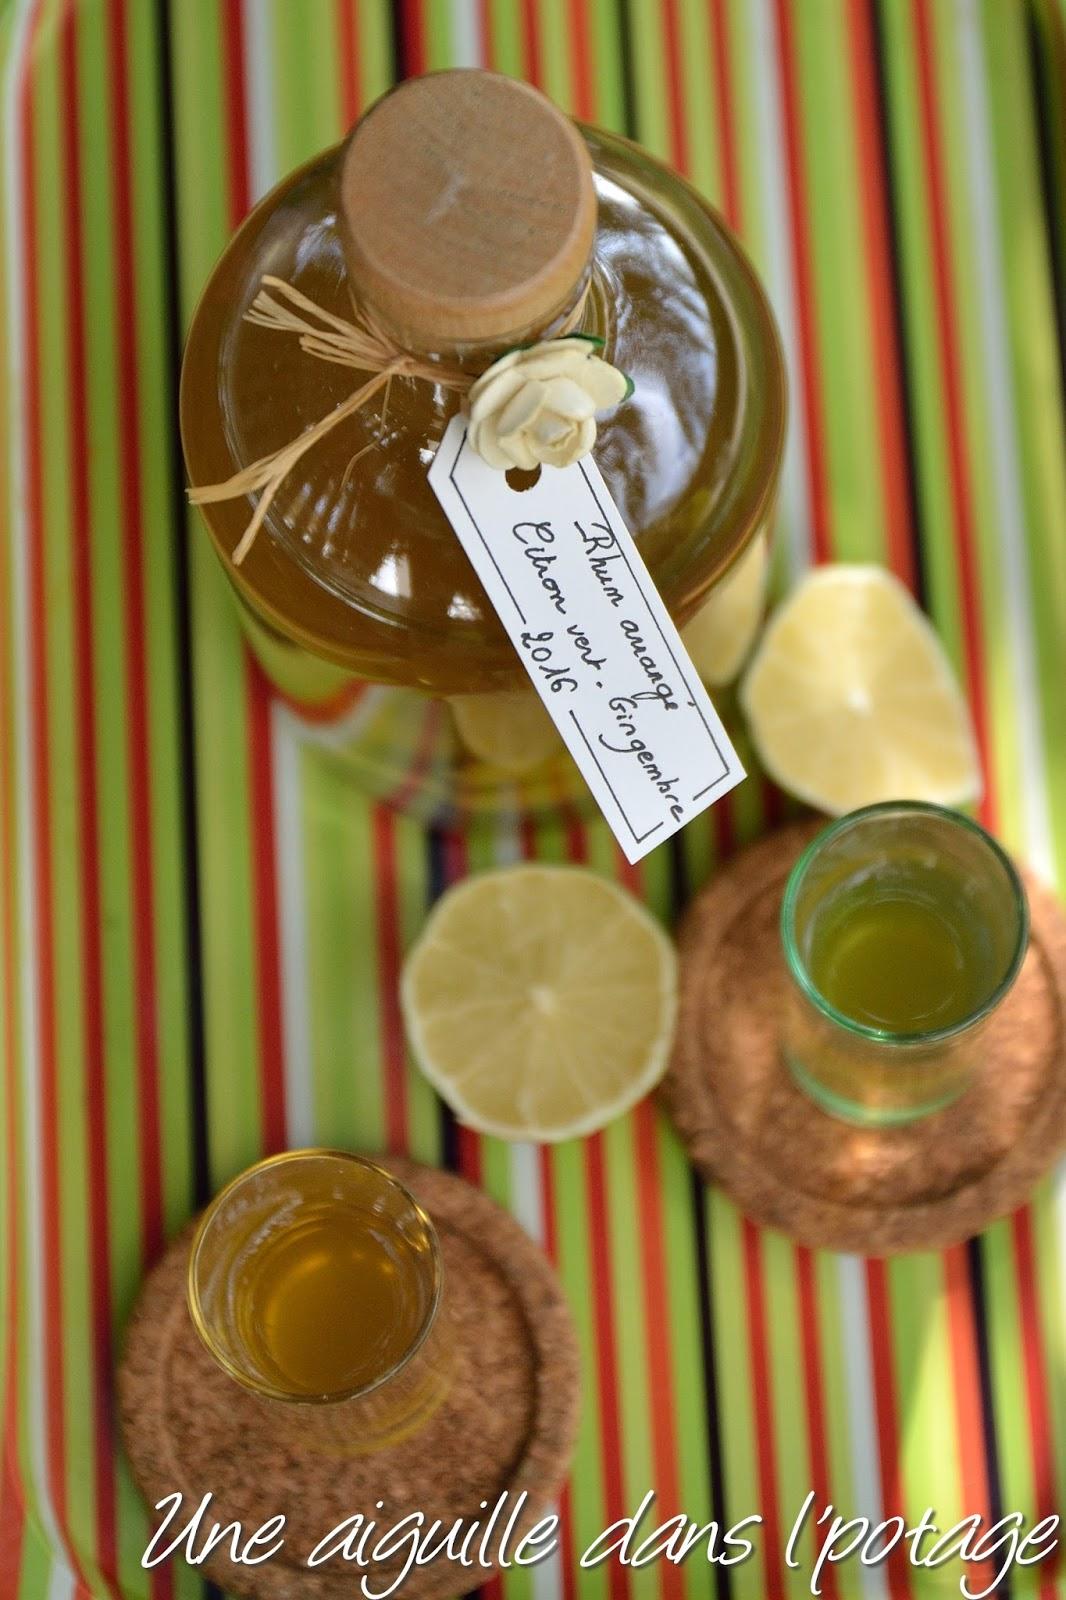 Connu une aiguille dans l' potage: Rhum arrangé citron vert- gingembre KD55